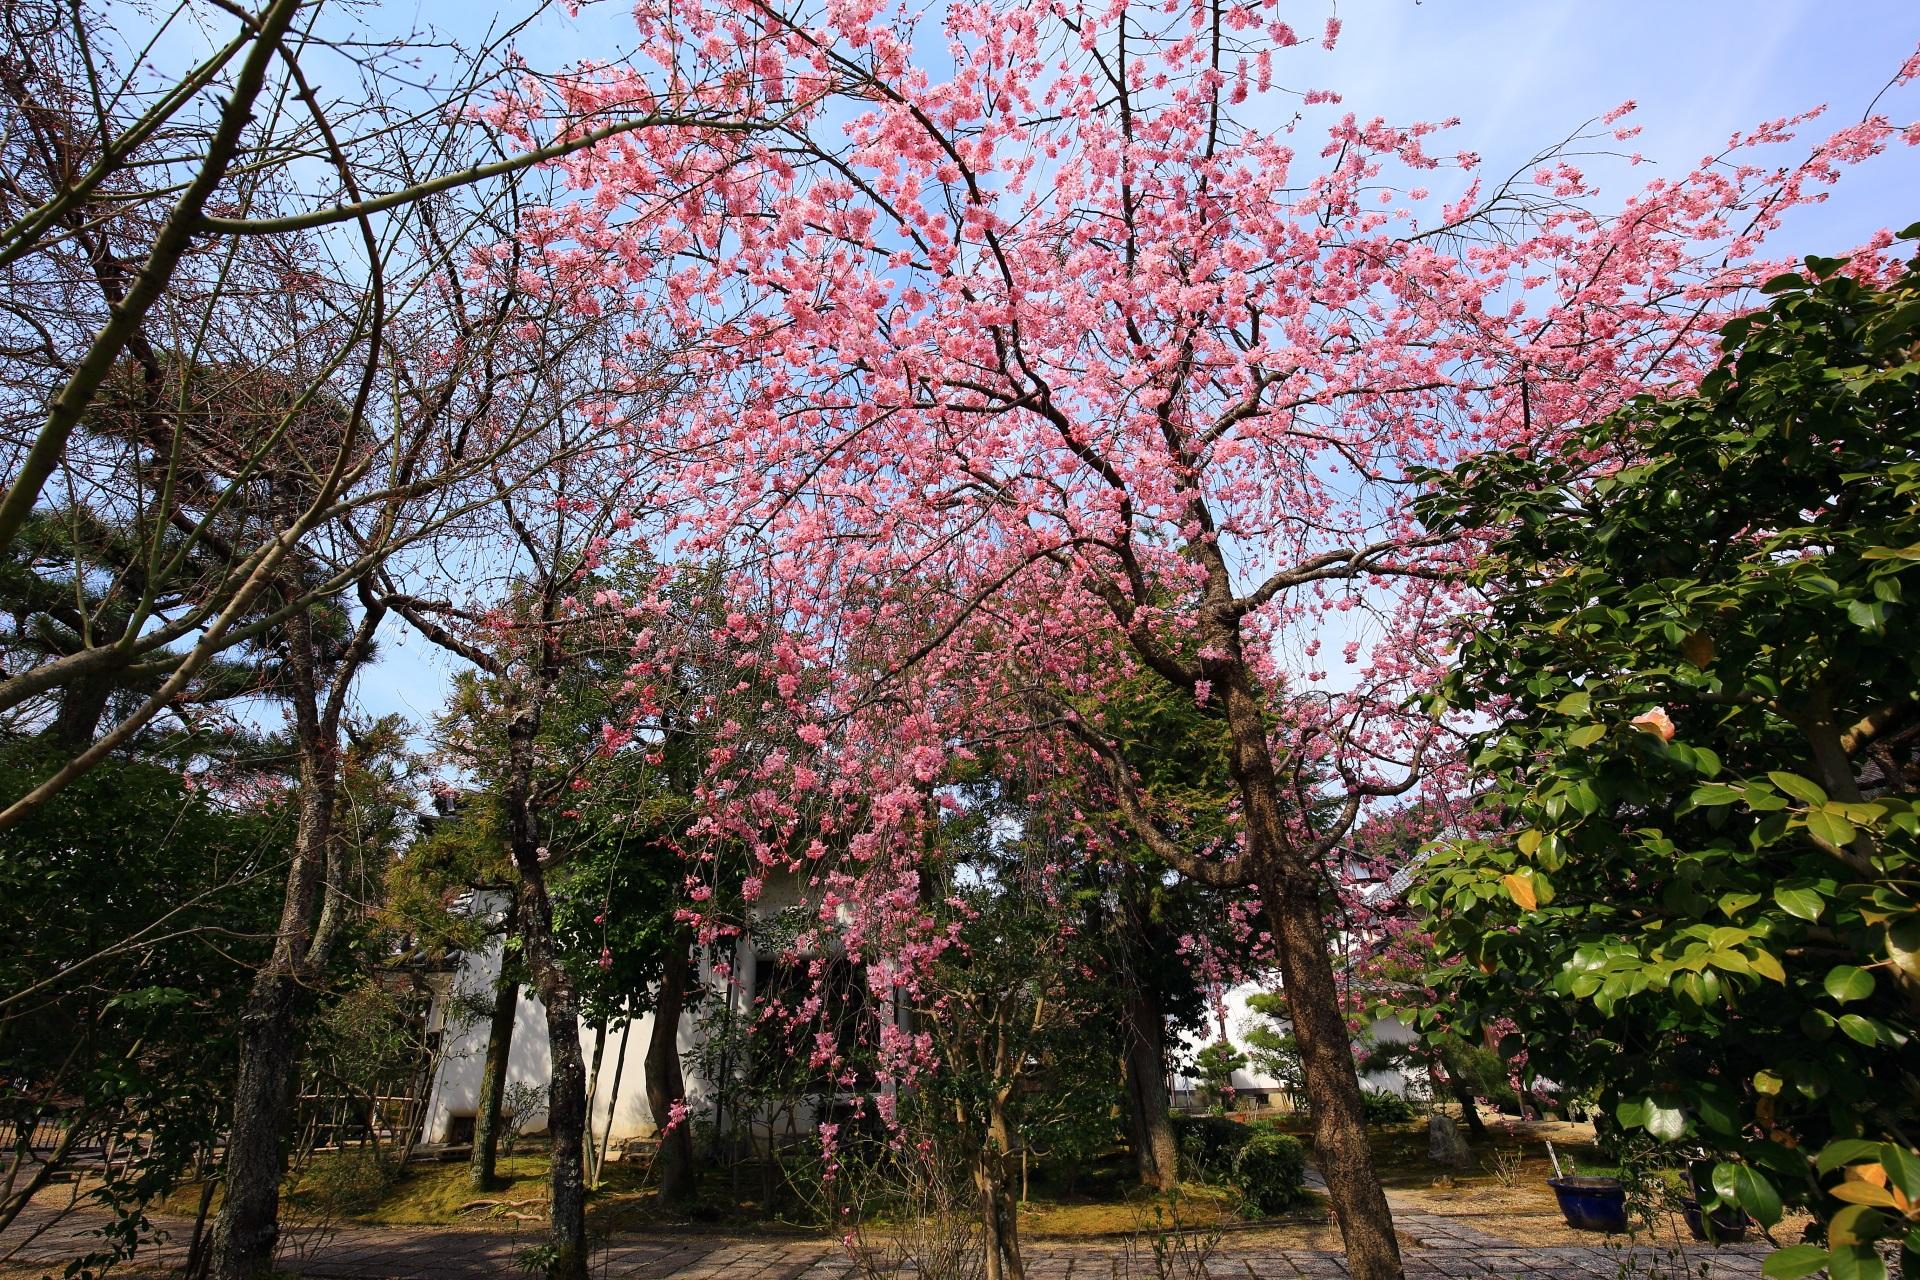 華やかな彩りの境内のしだれ桜